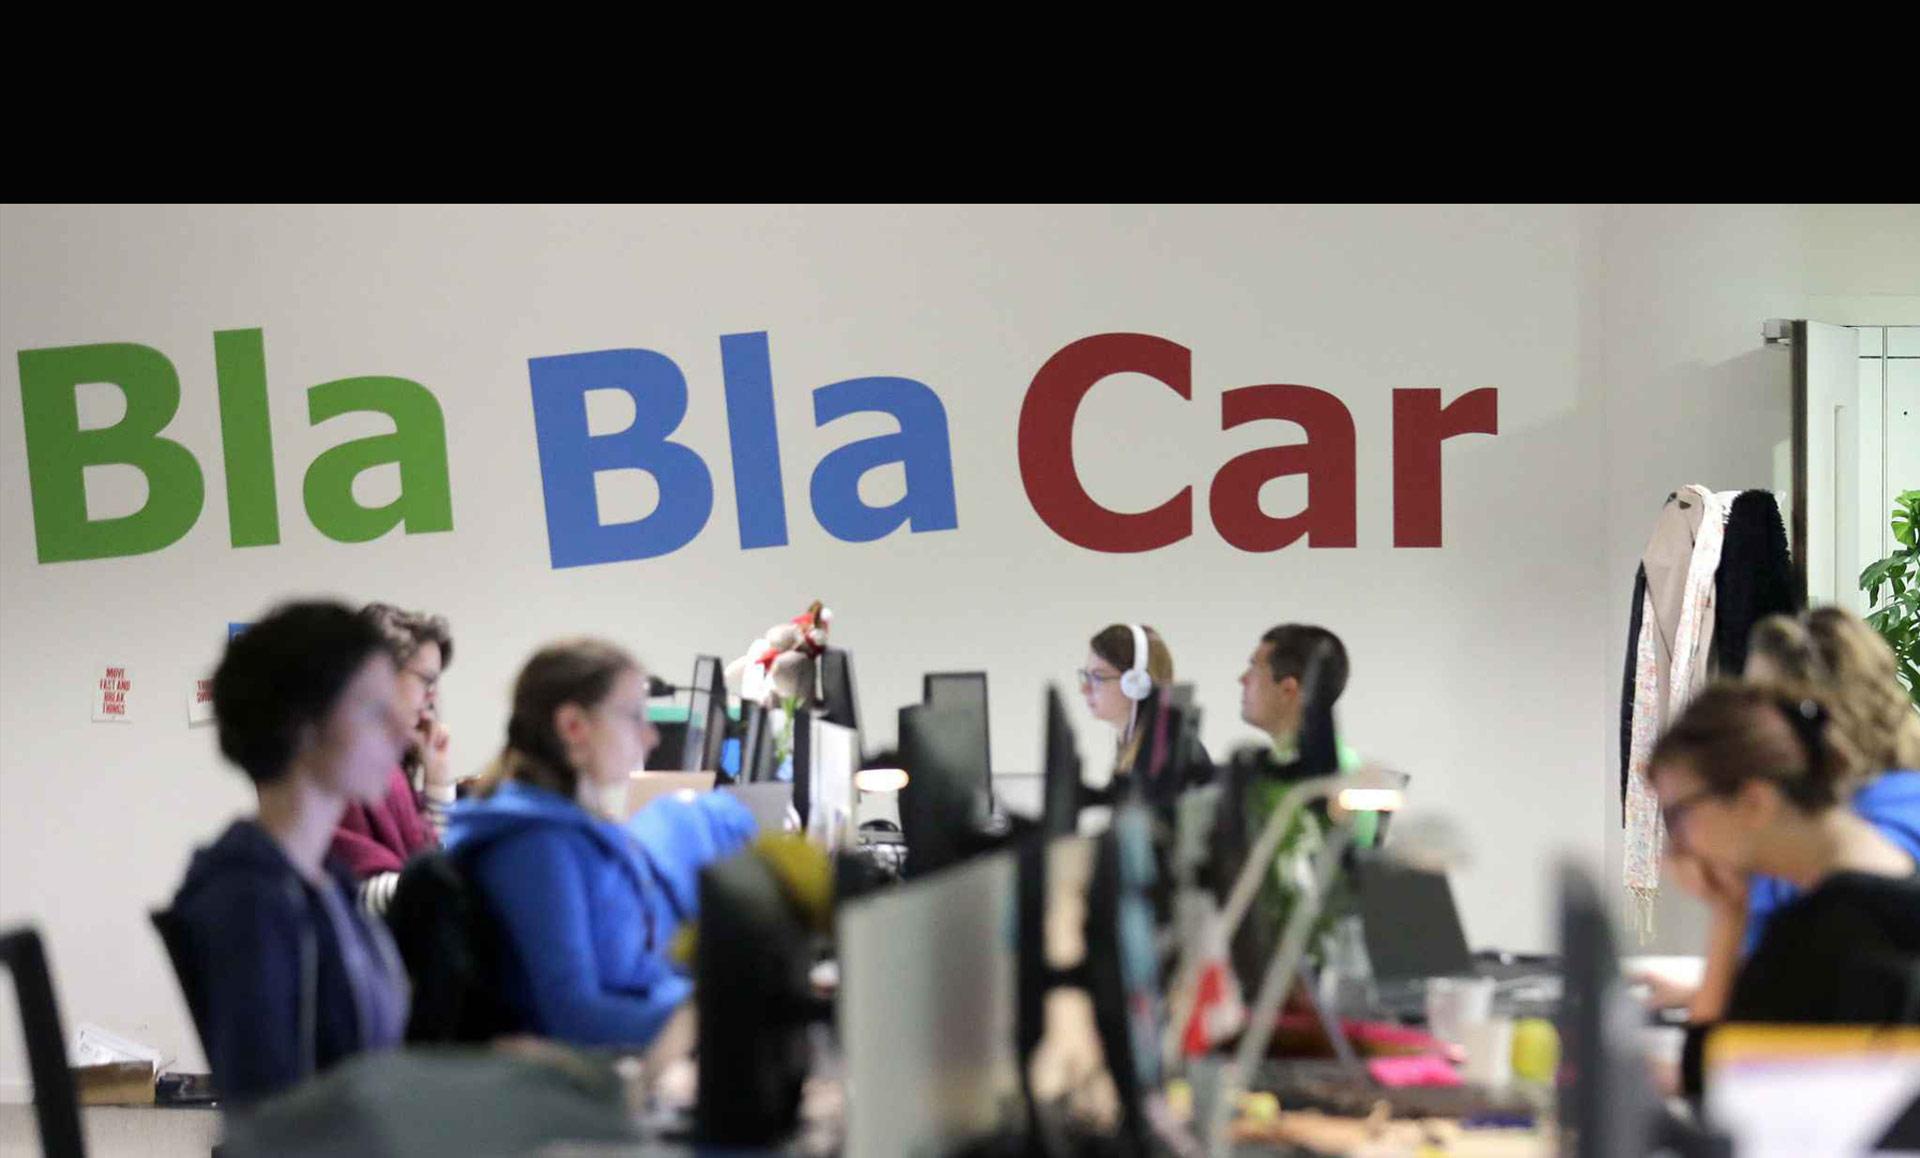 La empresa que maneja la aplicación para compartir autos, eligió a Brasil para empezar a operar en la región